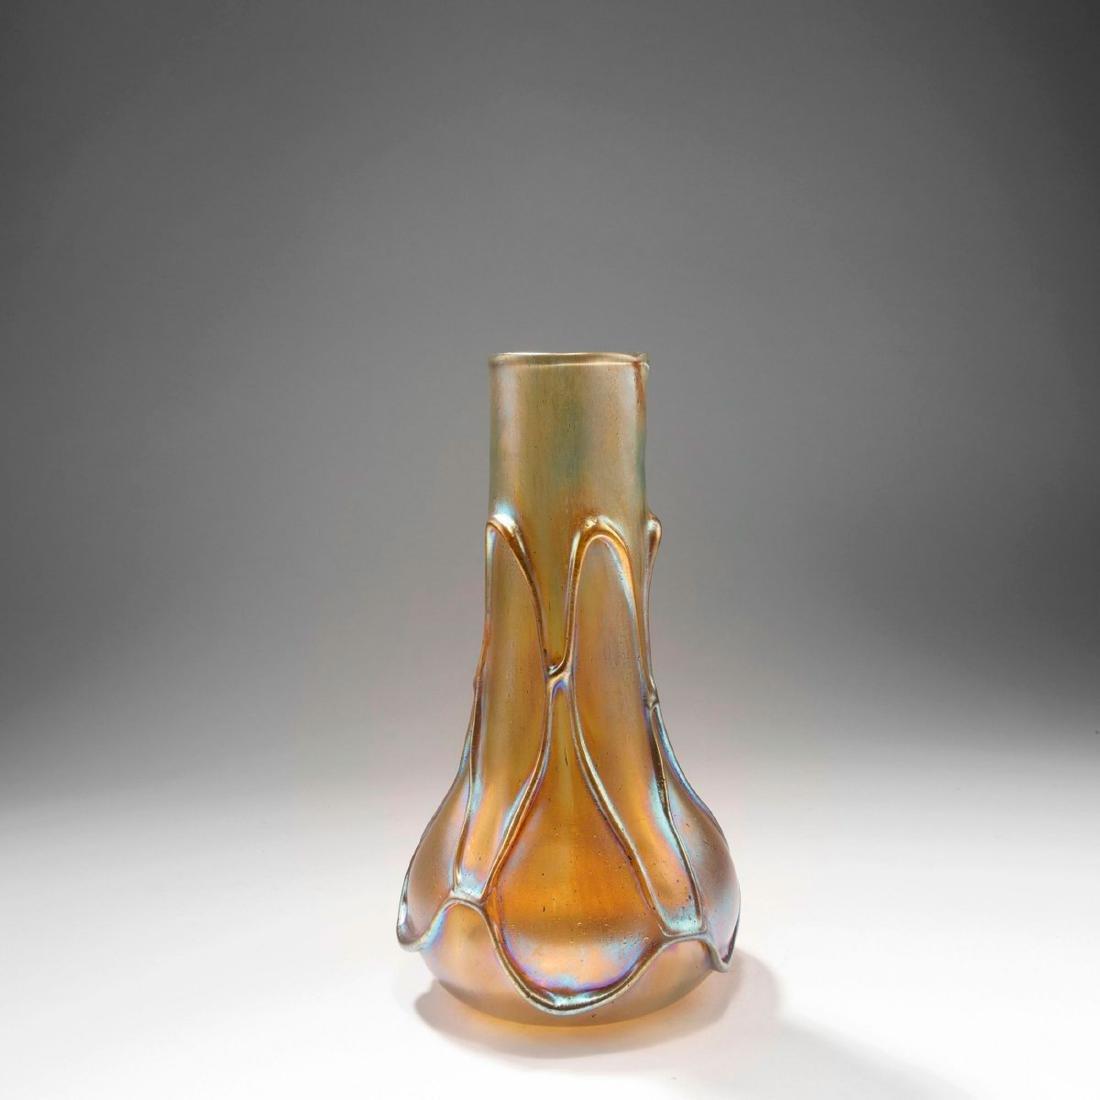 'Phänomen' vase, 1901